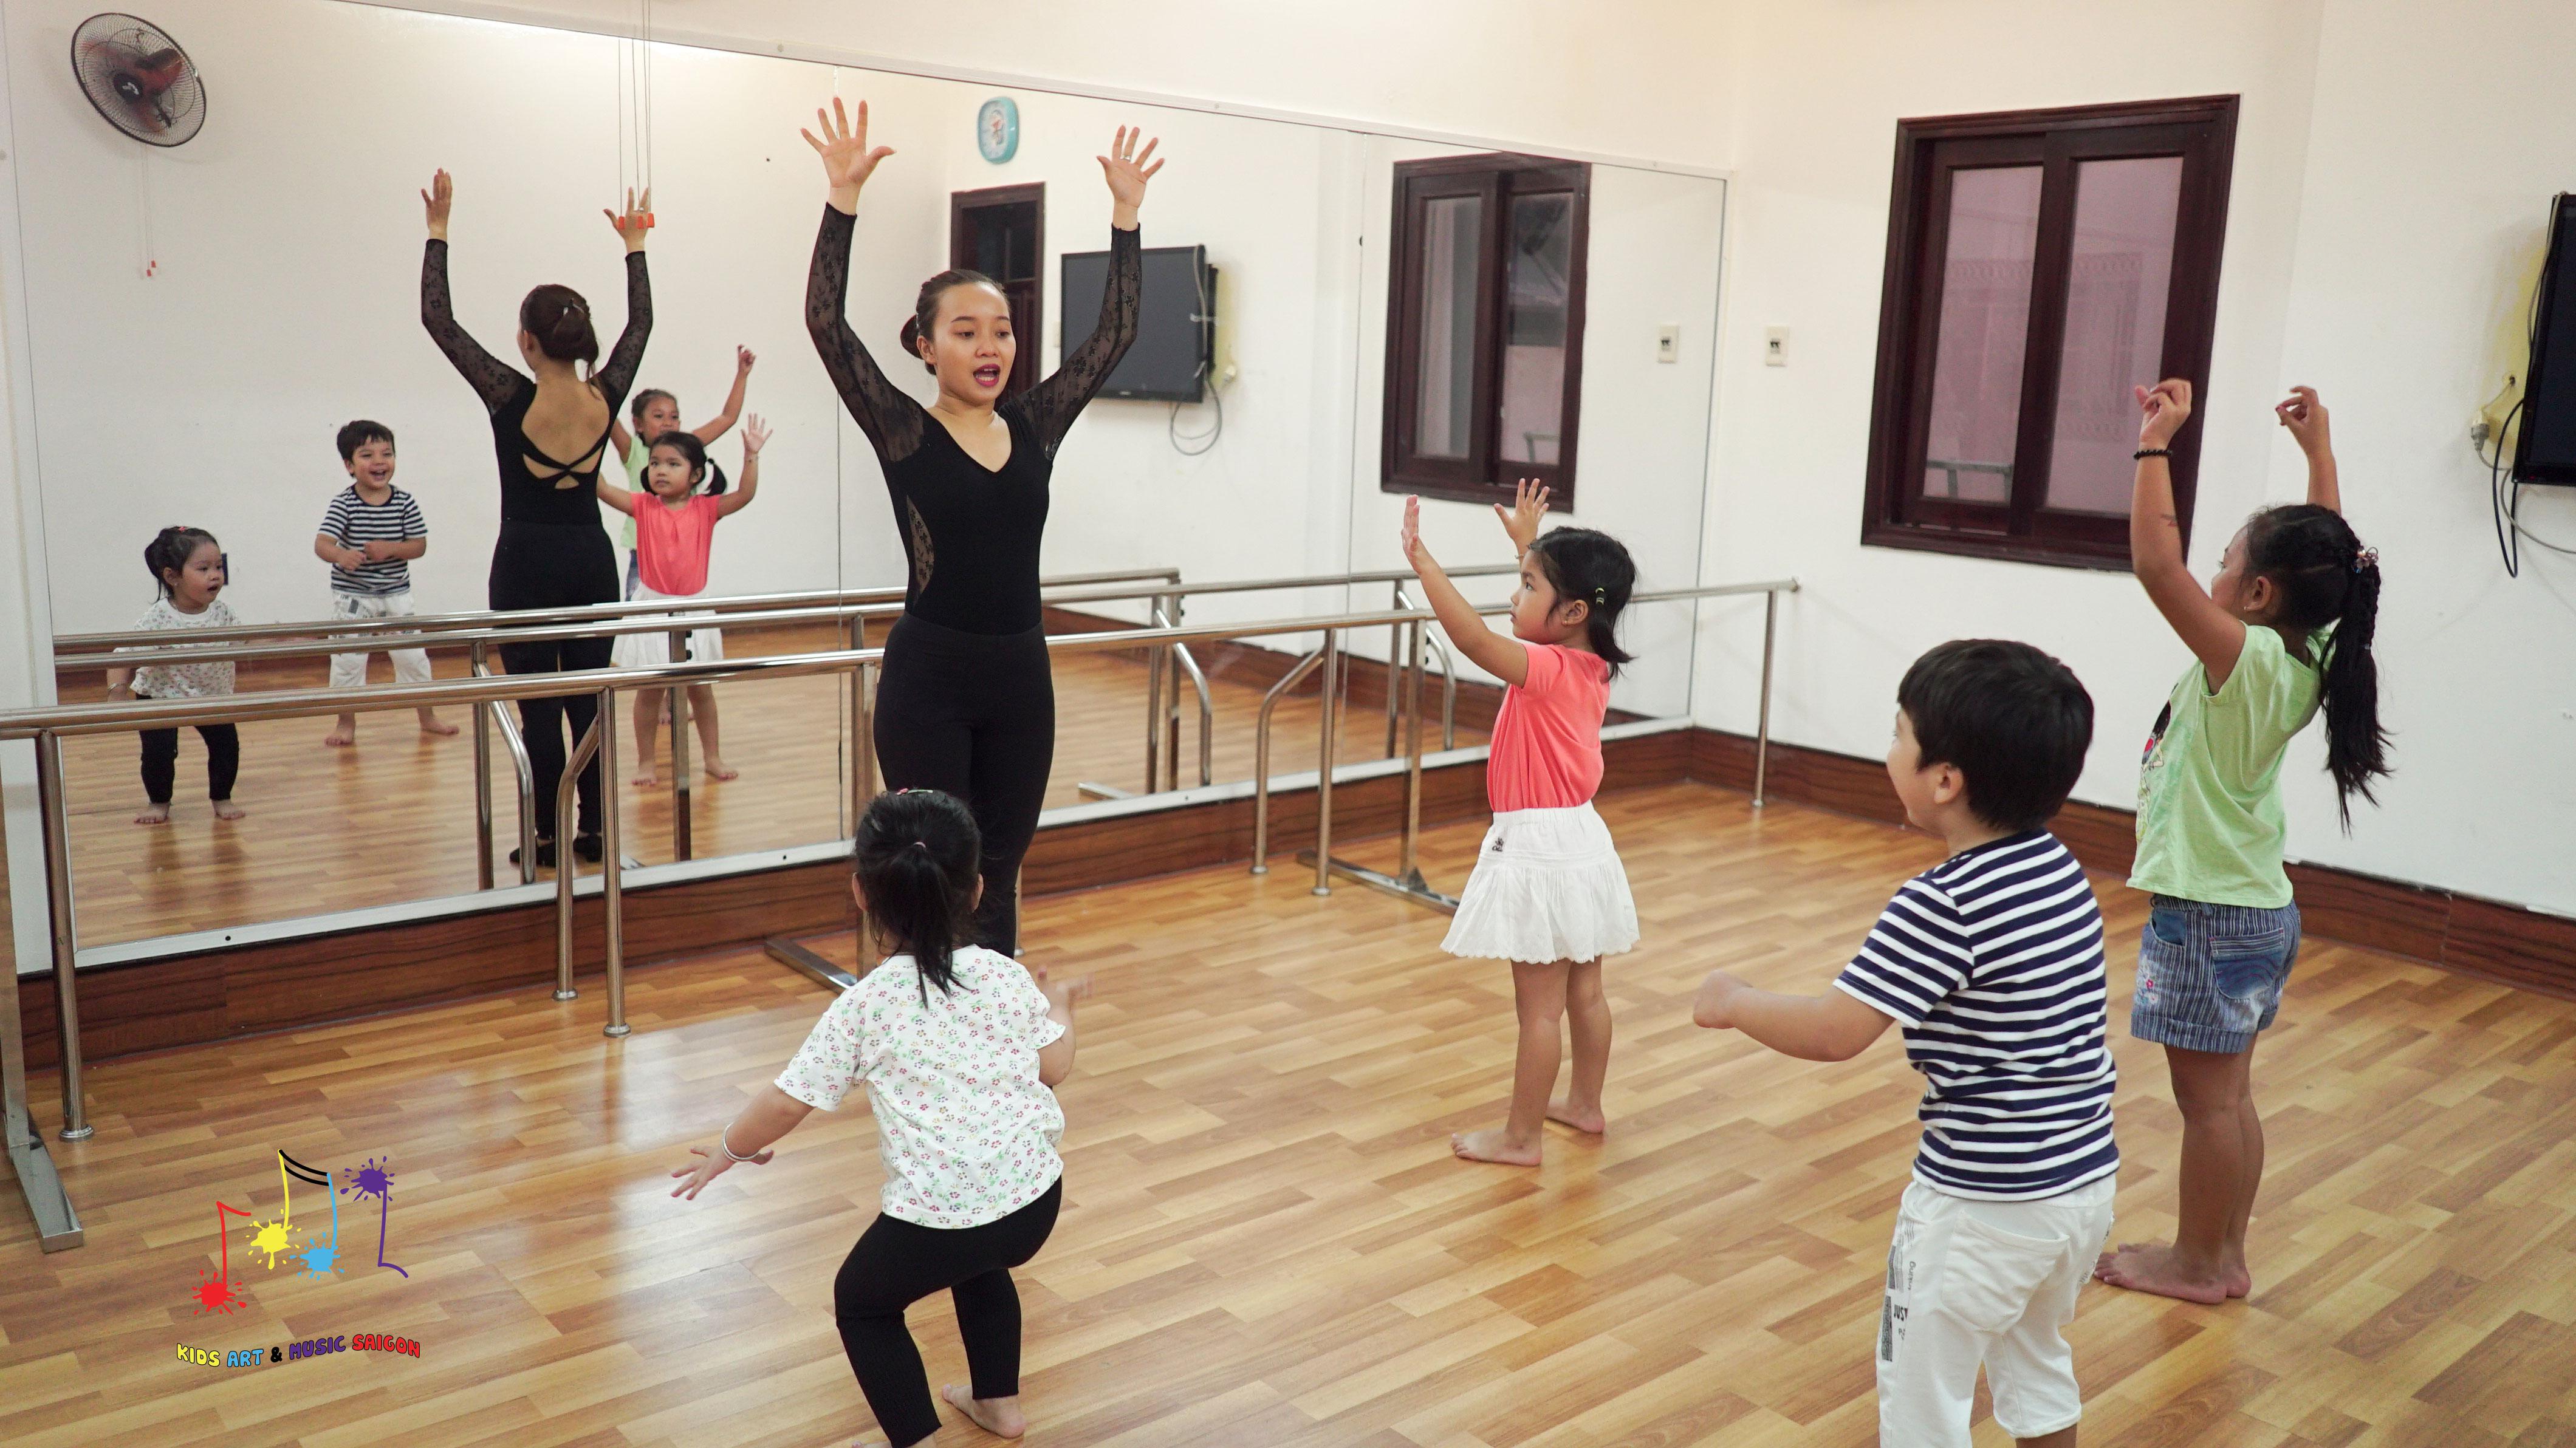 Chào mừng cơ sở ballet, aerobic, piano và vẽ cho trẻ em thứ 2 của Kids Art & Music - hình ảnh 3